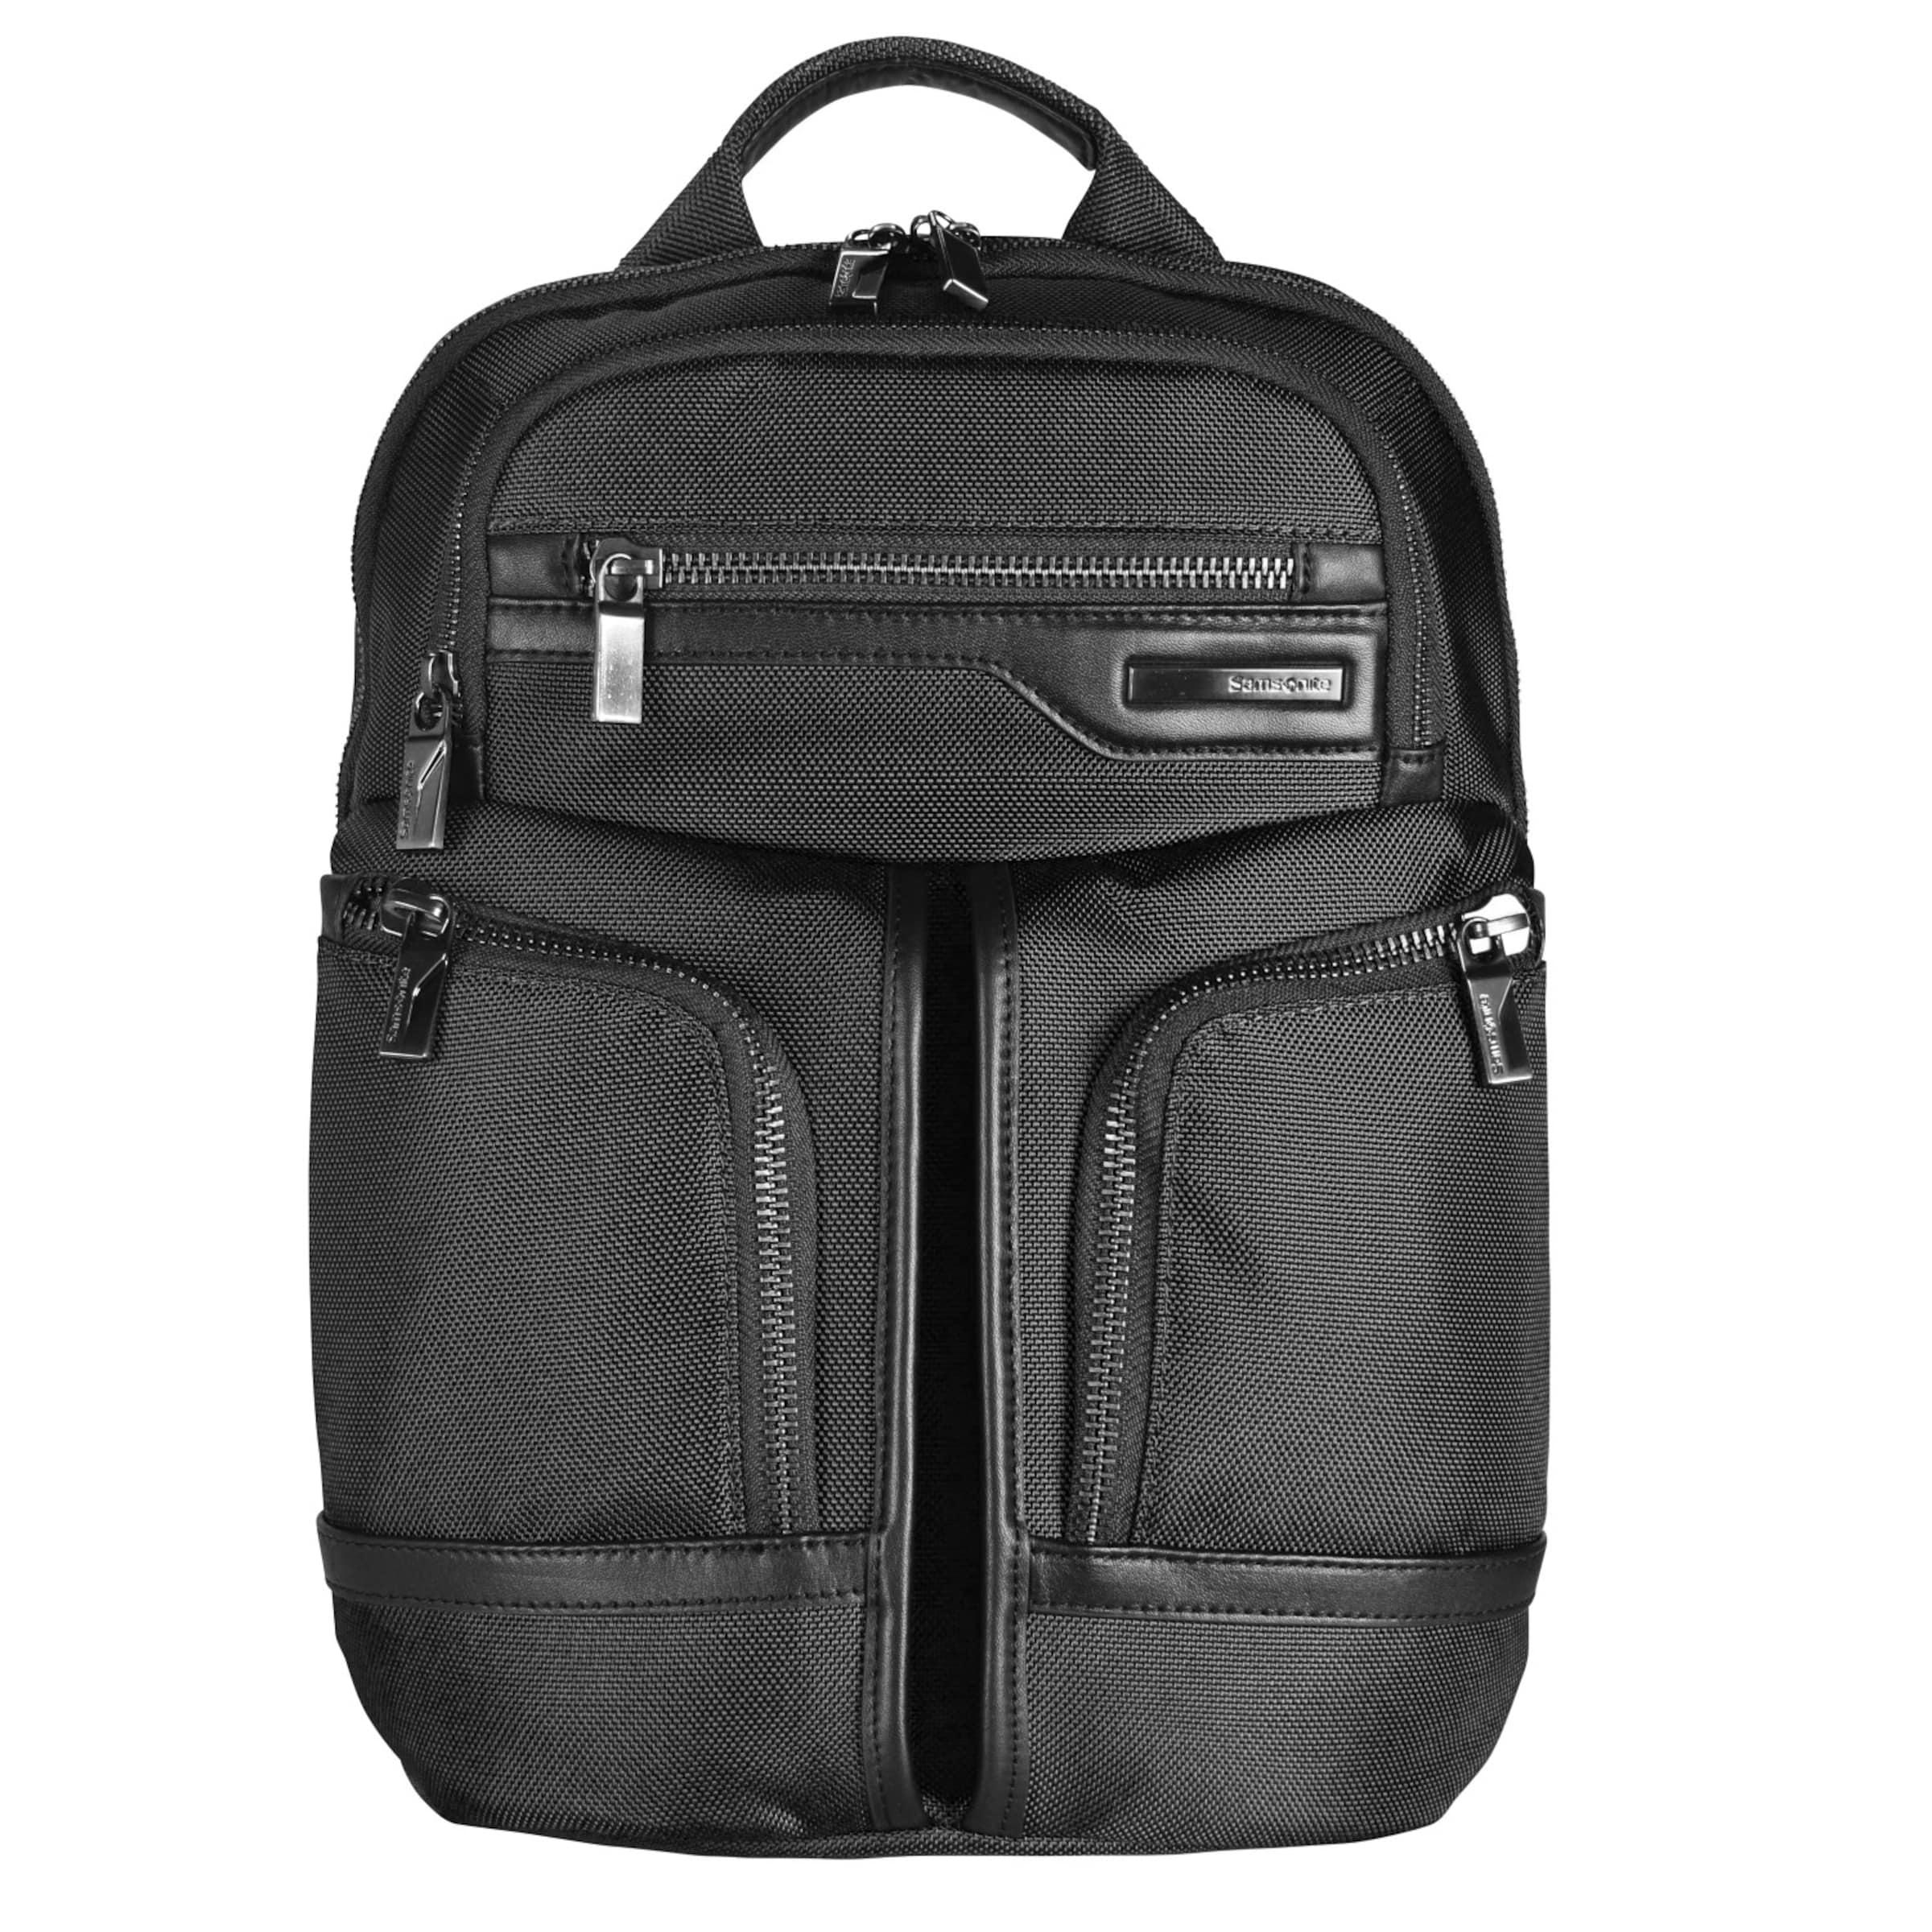 Rabatt Shop-Angebot Niedriger Preis Versandkosten Für Online-Verkauf SAMSONITE GT Supreme Business Rucksack 40 cm Laptopfach yBqOzGmrb